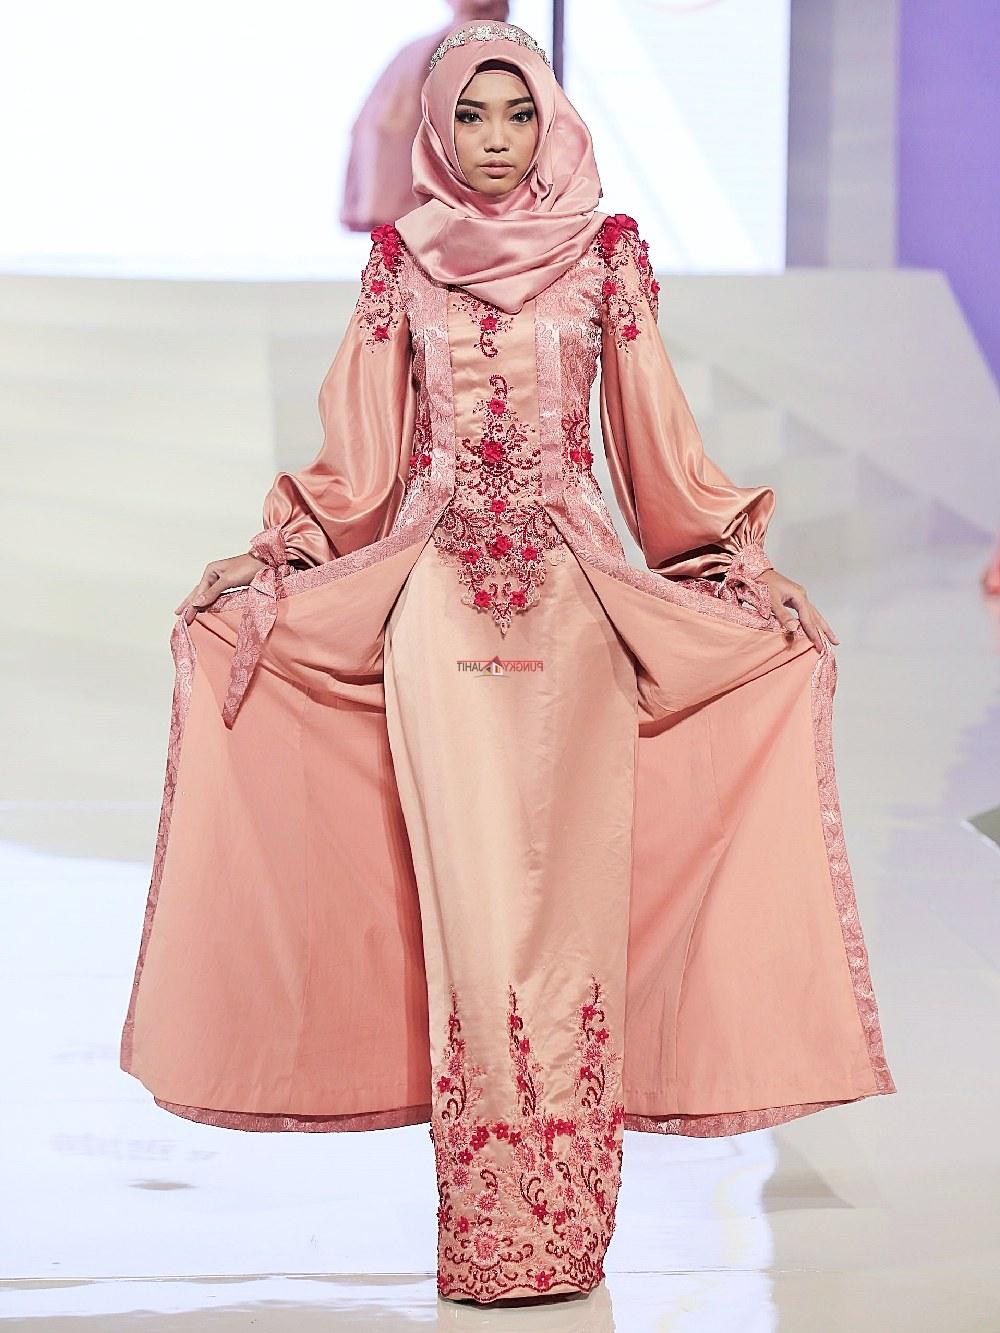 Bentuk Sewa Baju Pengantin Muslimah Ftd8 Sewa Perdana Baju Pengantin Muslimah Jogja Gaun Pengantin